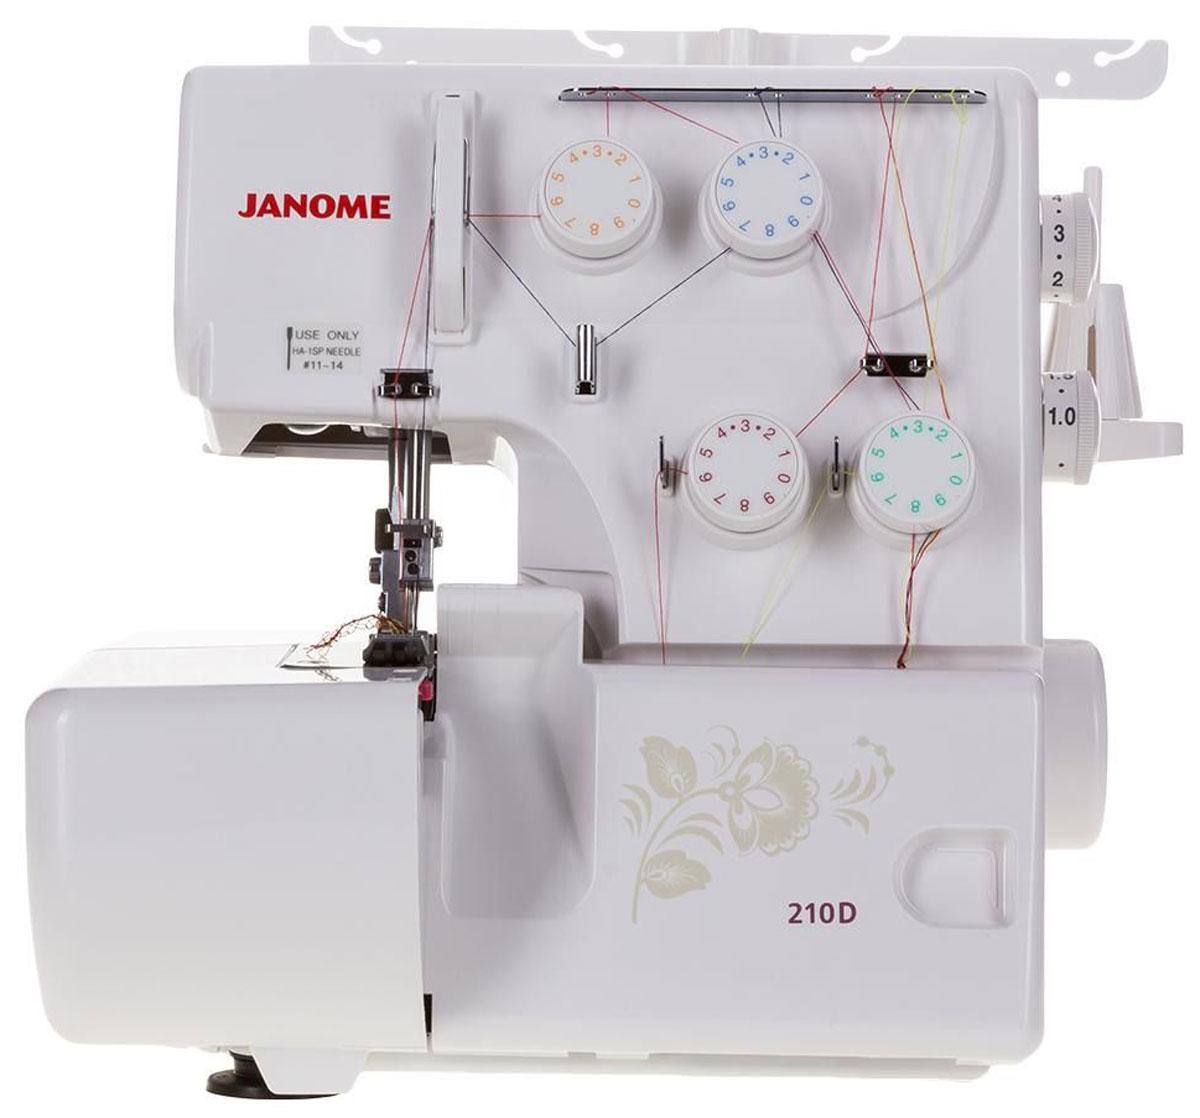 Janome 210D оверлок210D ОверлокОверлок Janome 210D способен осуществлять сразу 8 видов краеобметочных швов. От других моделей его отличает тихая работа благодаря использованию новых технологий и упрощенная заправка верхних нитей и петлителей. Оверлок Janome 210D имеет усиленный транспортер ткани и дифференциальный механизм, которые способствуют качественному продвижению всех материалов высокой эластичности. Лишняя ткань в оверлоке Janome отсекается ножами, расположенными вверху и внизу. В образовании качественной оверлочной строчки принимают участие 3 или 4 нити. В возможности аппарата входит и оверлочная строчка с роликовым швом, перед использованием которого у пользователя не возникает необходимость менять игольную пластину. В комплекте с оверлоком поставляется множество аксессуаров для комфортного использования: набор игл, лапка для оверлока, пинцет и два вида отверток.